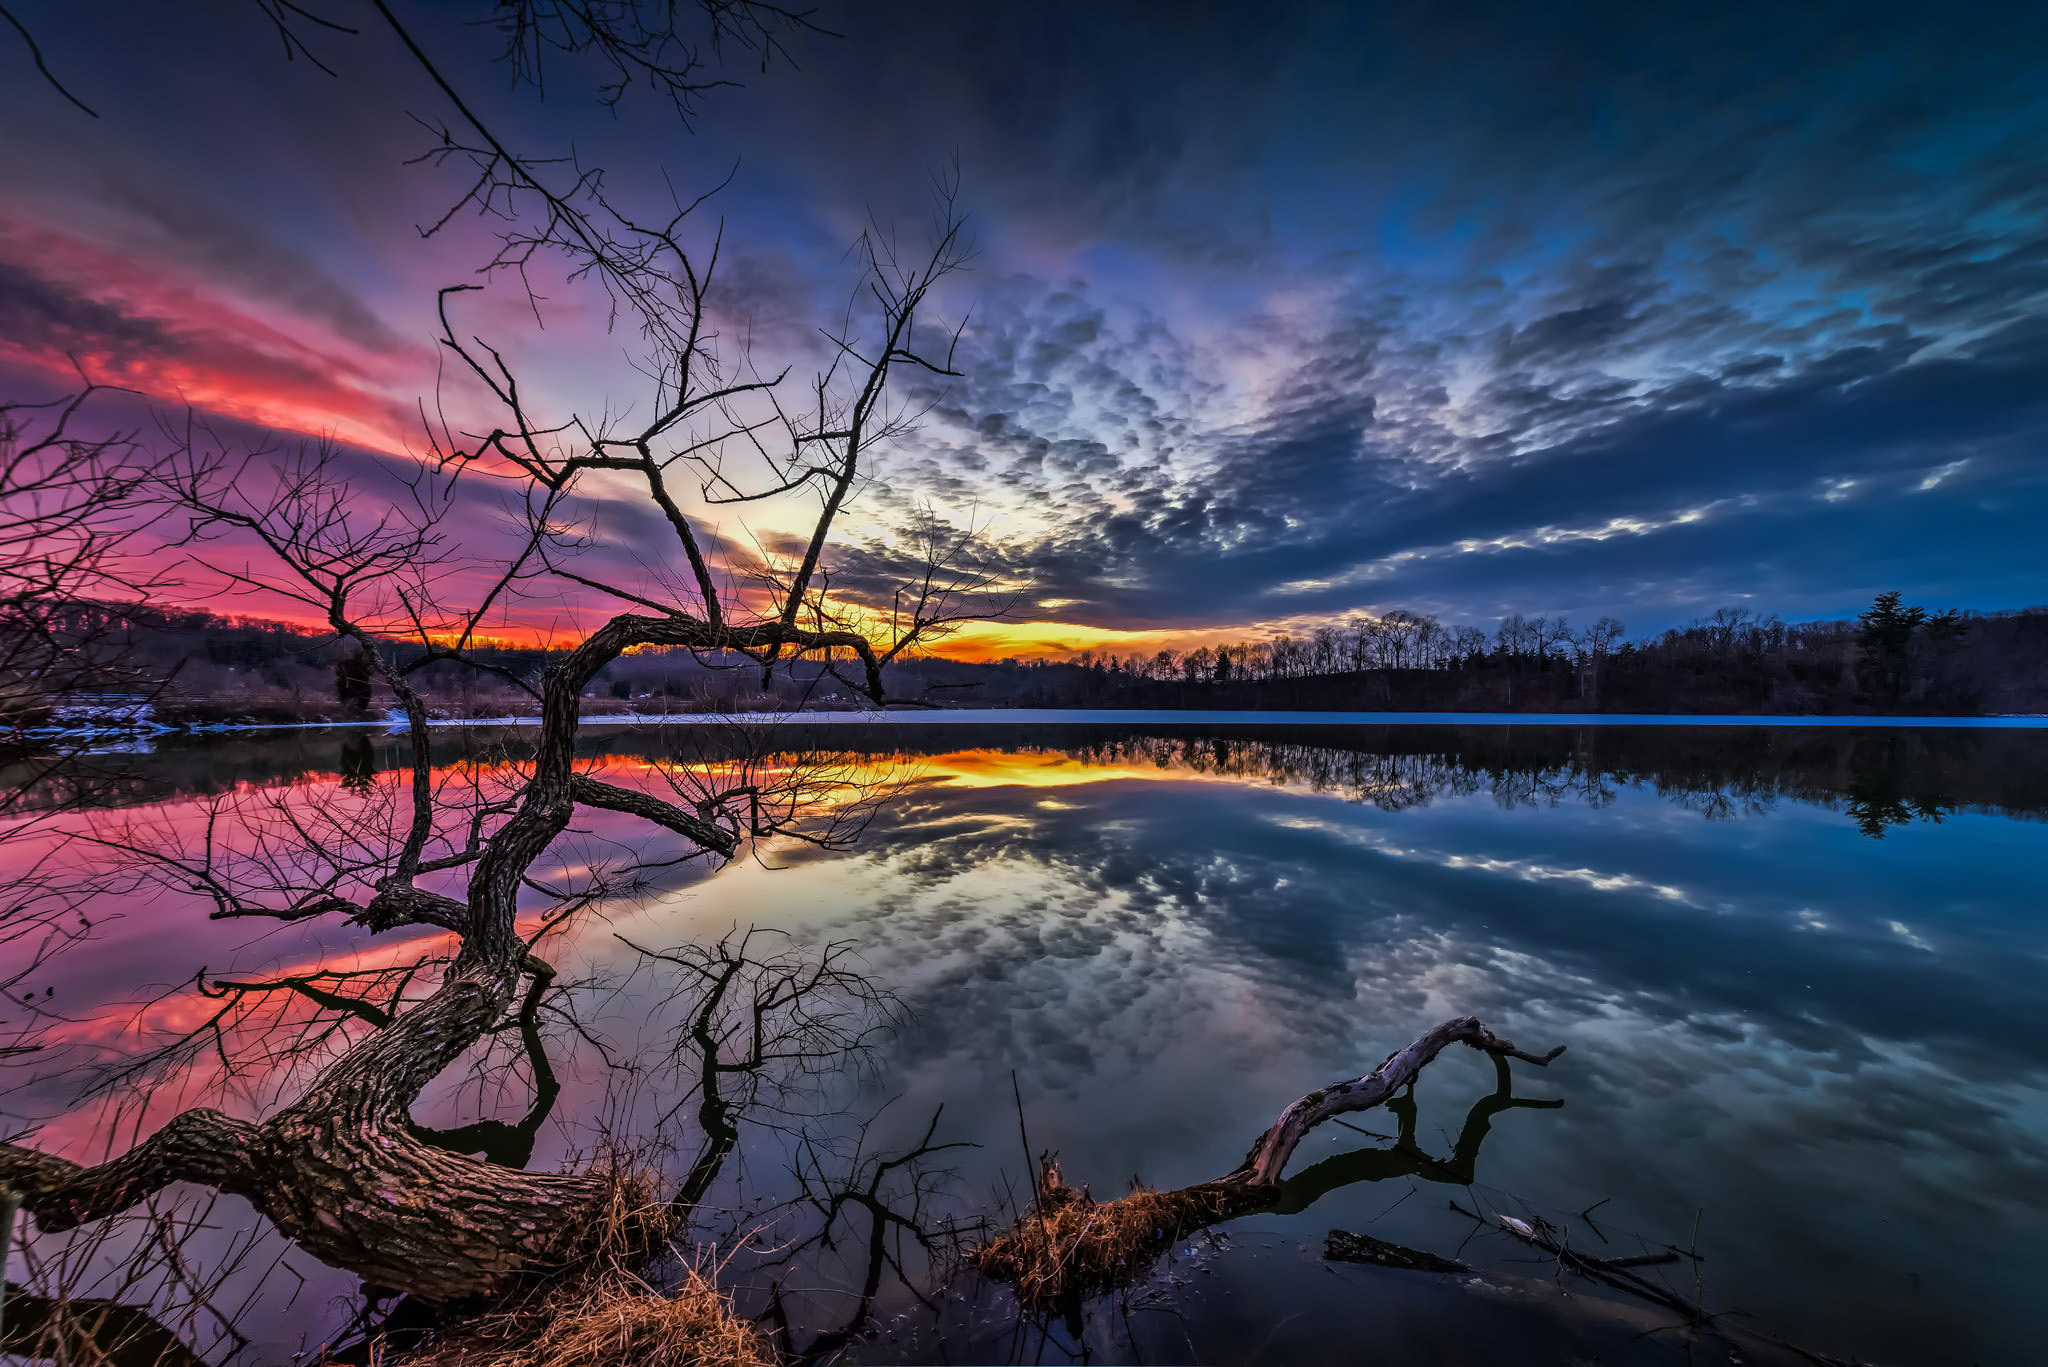 природа озеро деревья небо облака закат  № 1249518  скачать